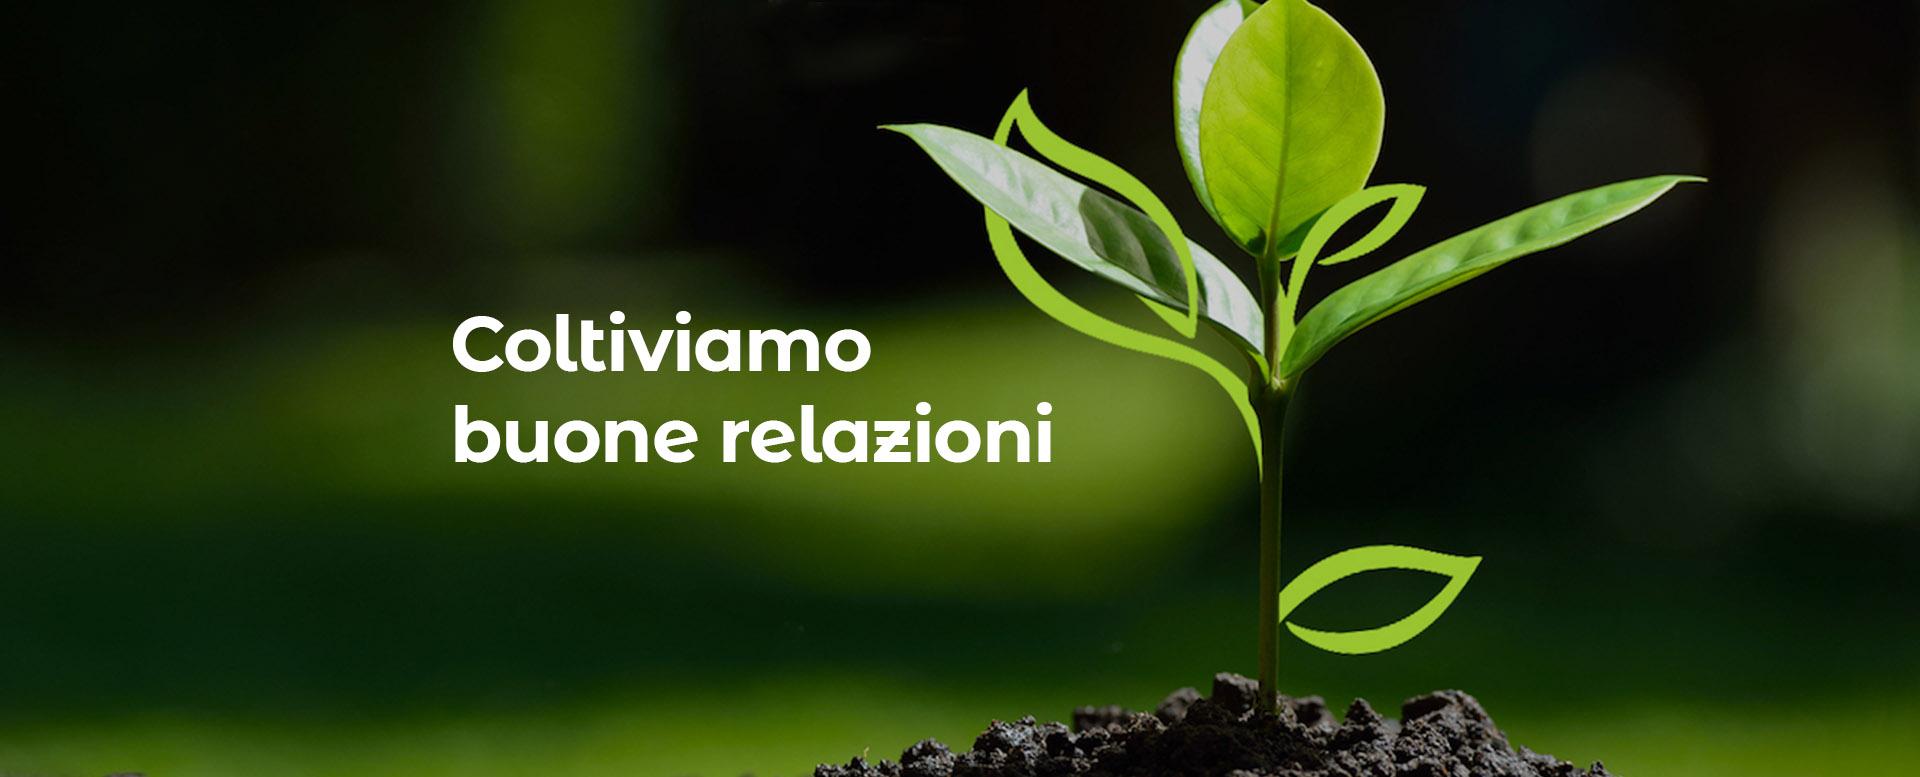 Fruitecom_coltiviamo_buone_relazioni